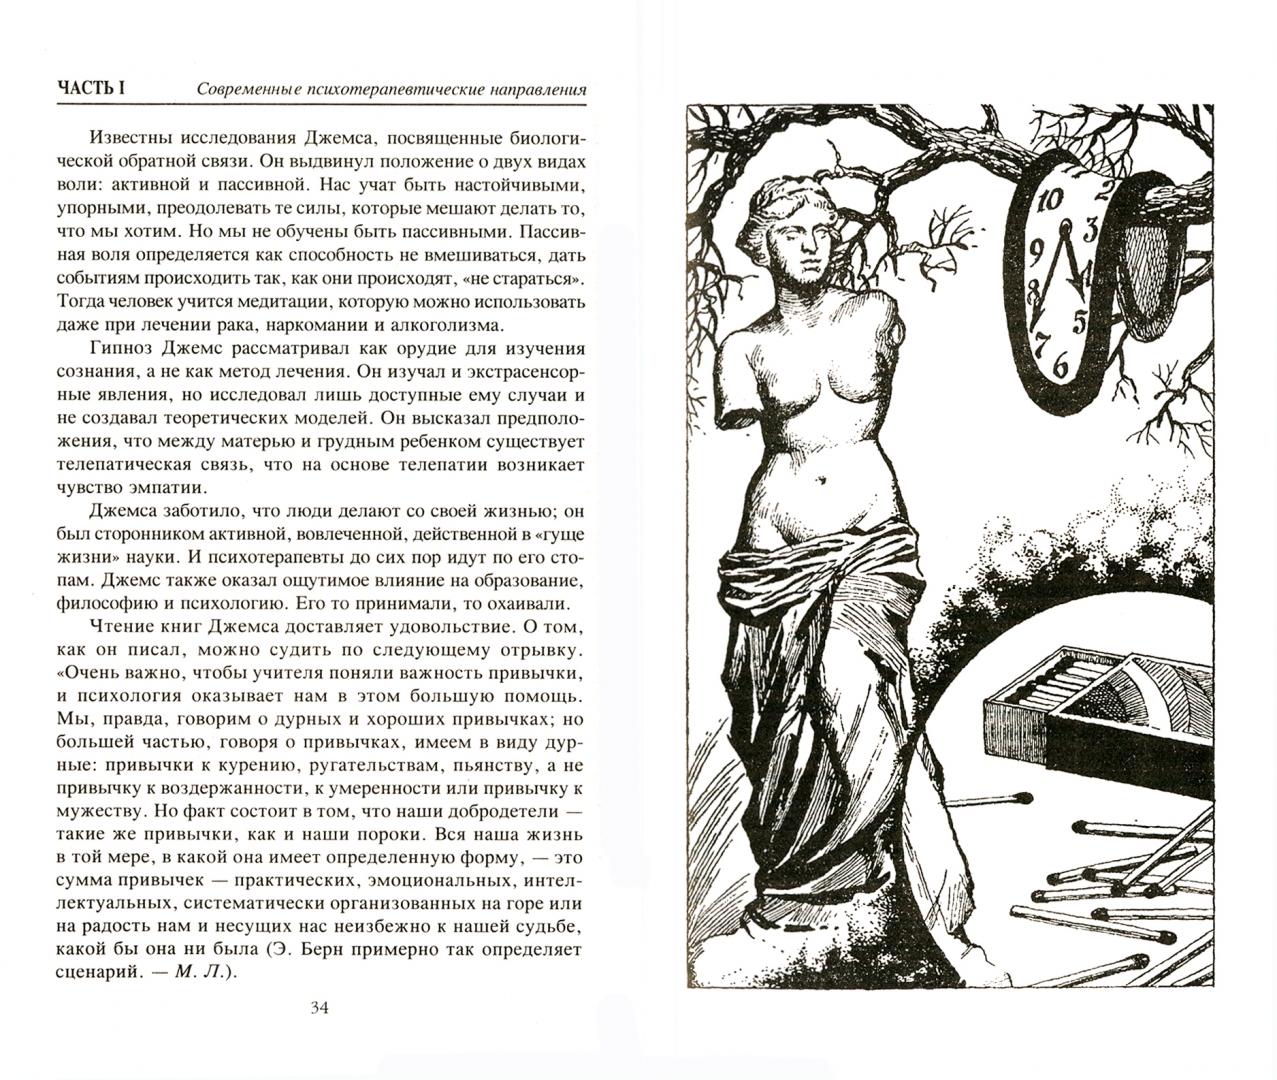 Иллюстрация 1 из 10 для Из Ада в Рай. Избранные лекции по психотерапии - Михаил Литвак   Лабиринт - книги. Источник: Лабиринт